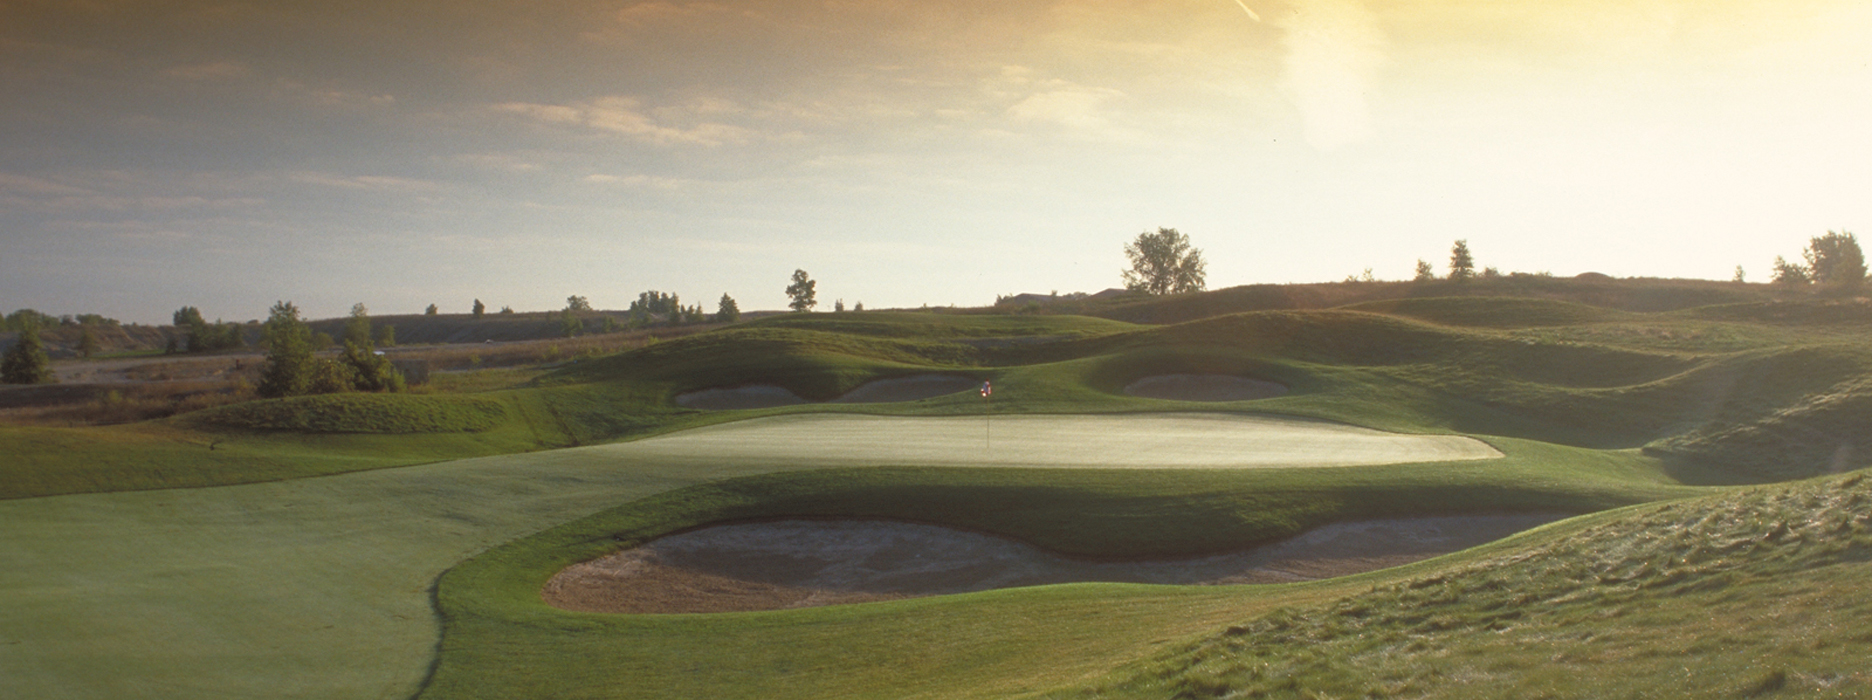 Boulder Pointe Golf Club & Banquet Center, Oxford MI